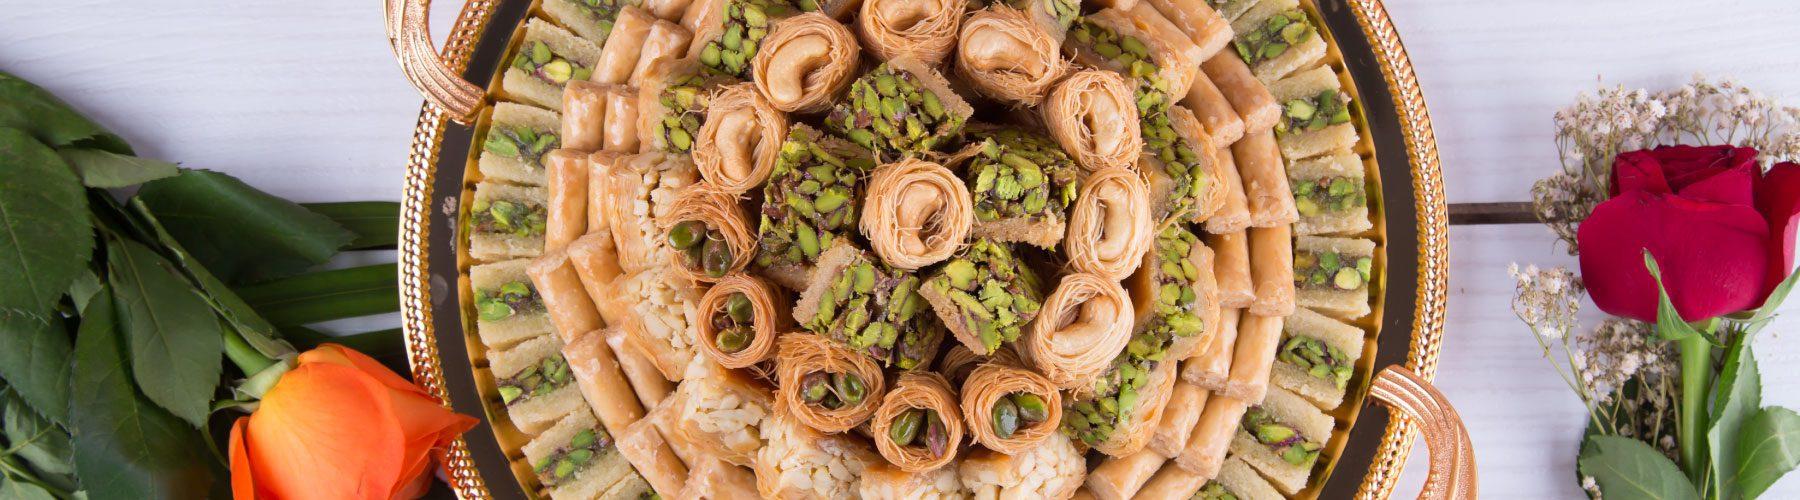 baklawa le damas sweets dubai